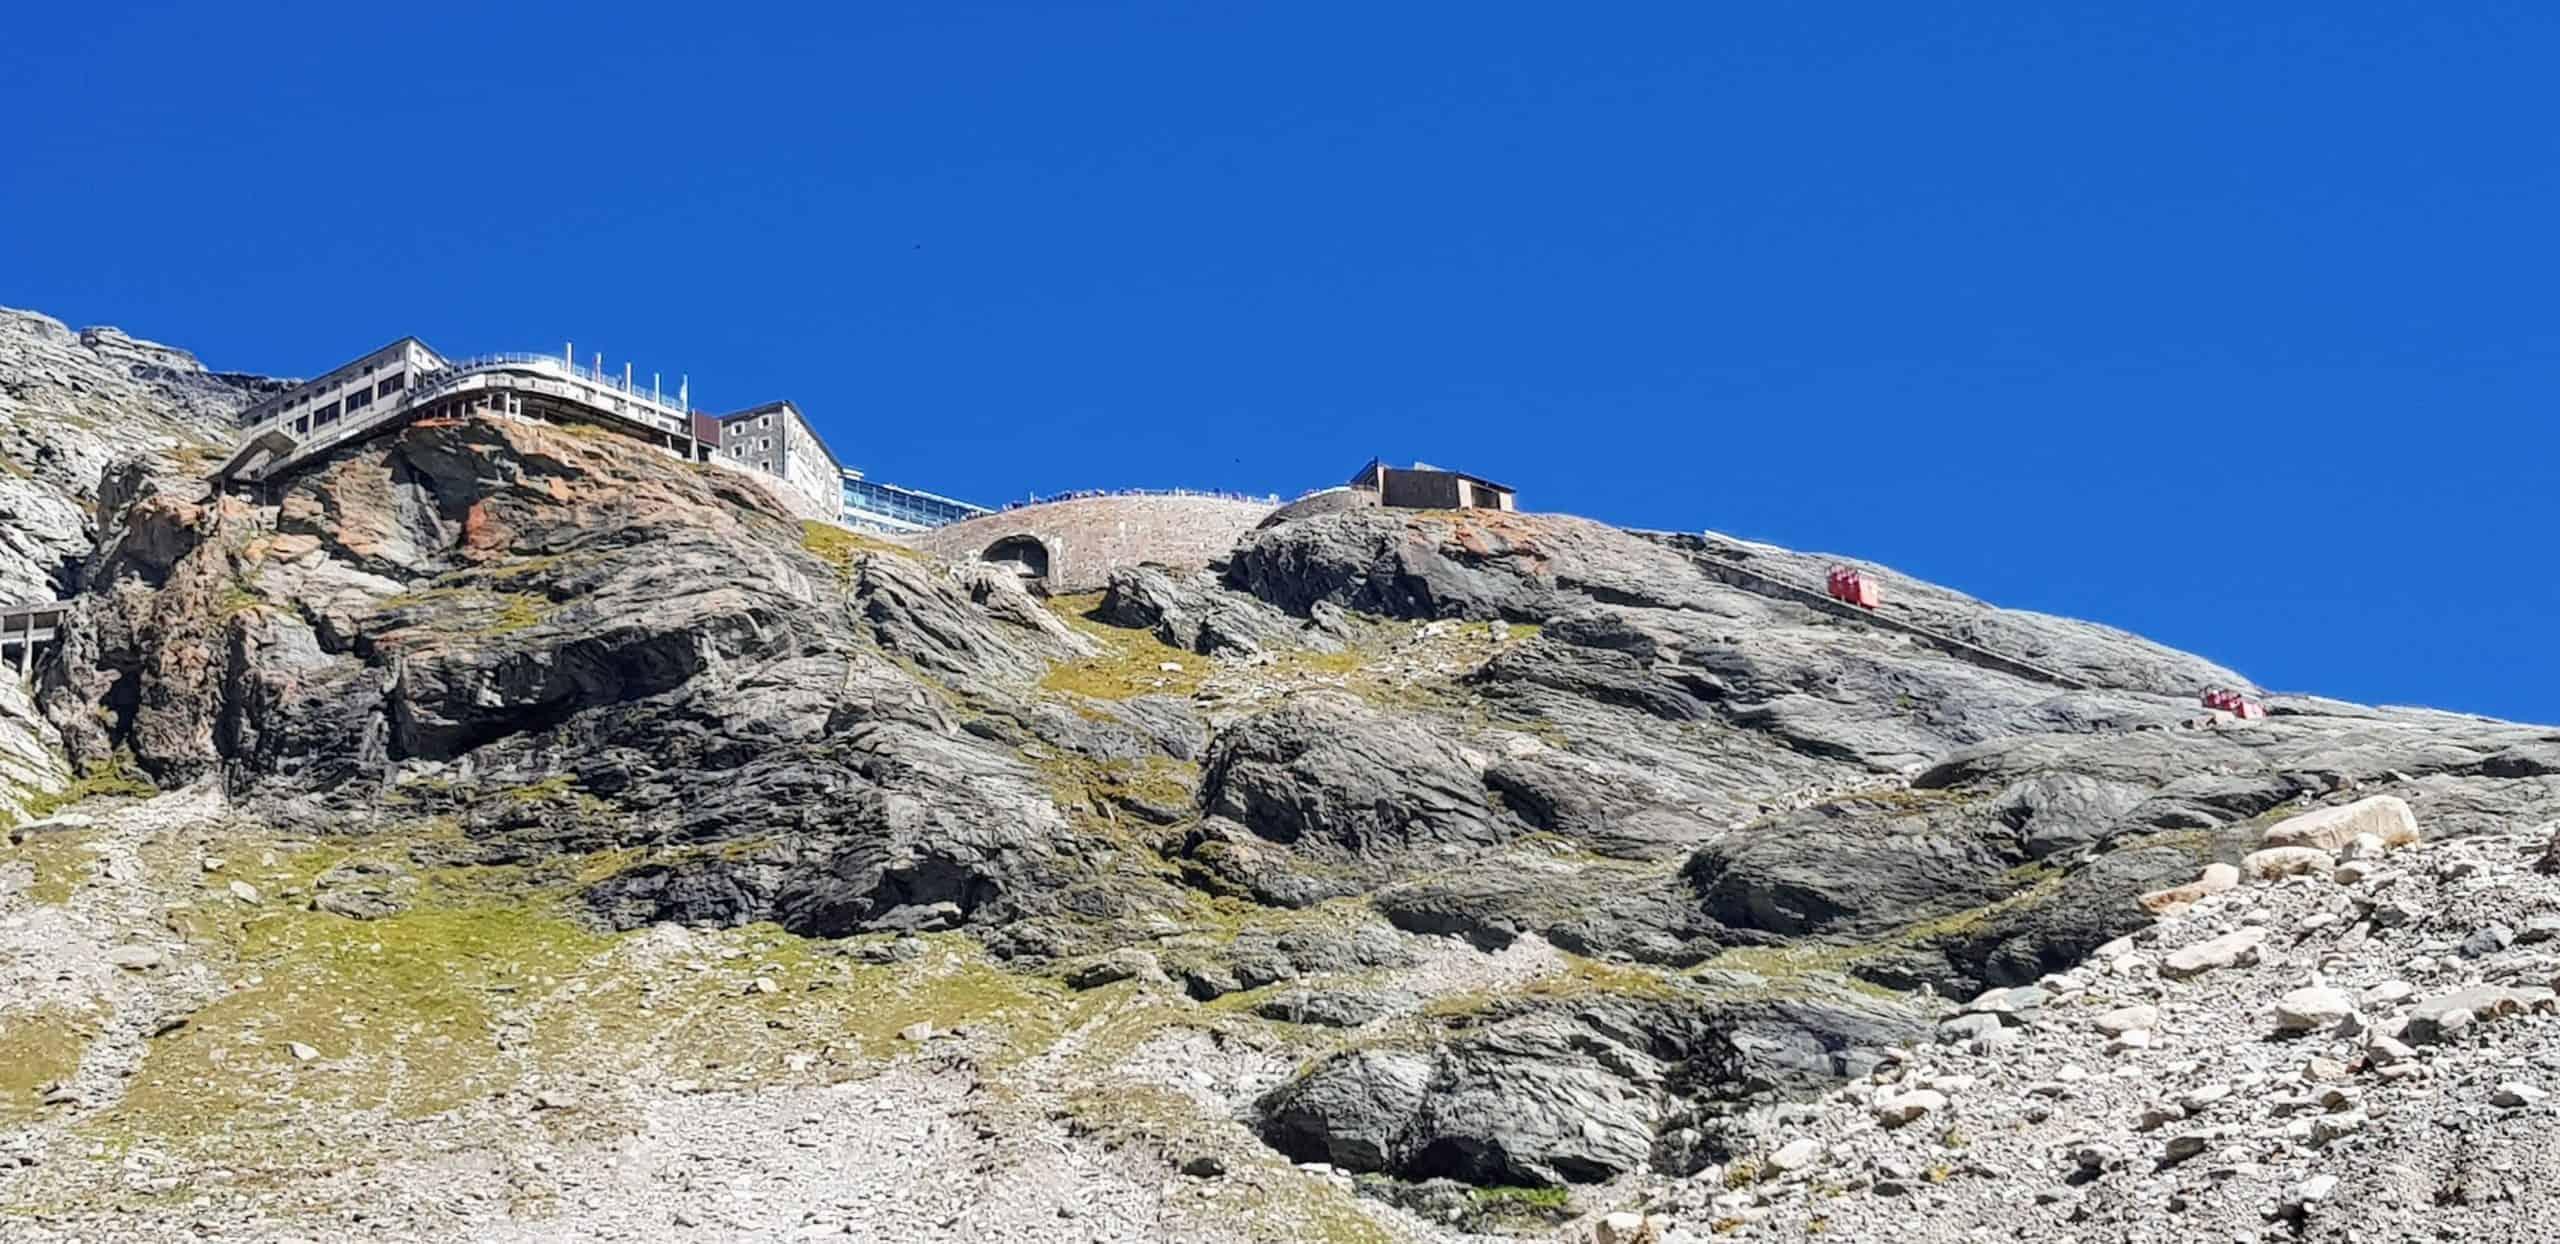 Blick von Pasterze auf Kaiser Franz Josefs Höhe mit Besucherzentrum, Parkhaus und Gletscherbahn. Roadtrip und Sehenswürdigkeit in Österreich.